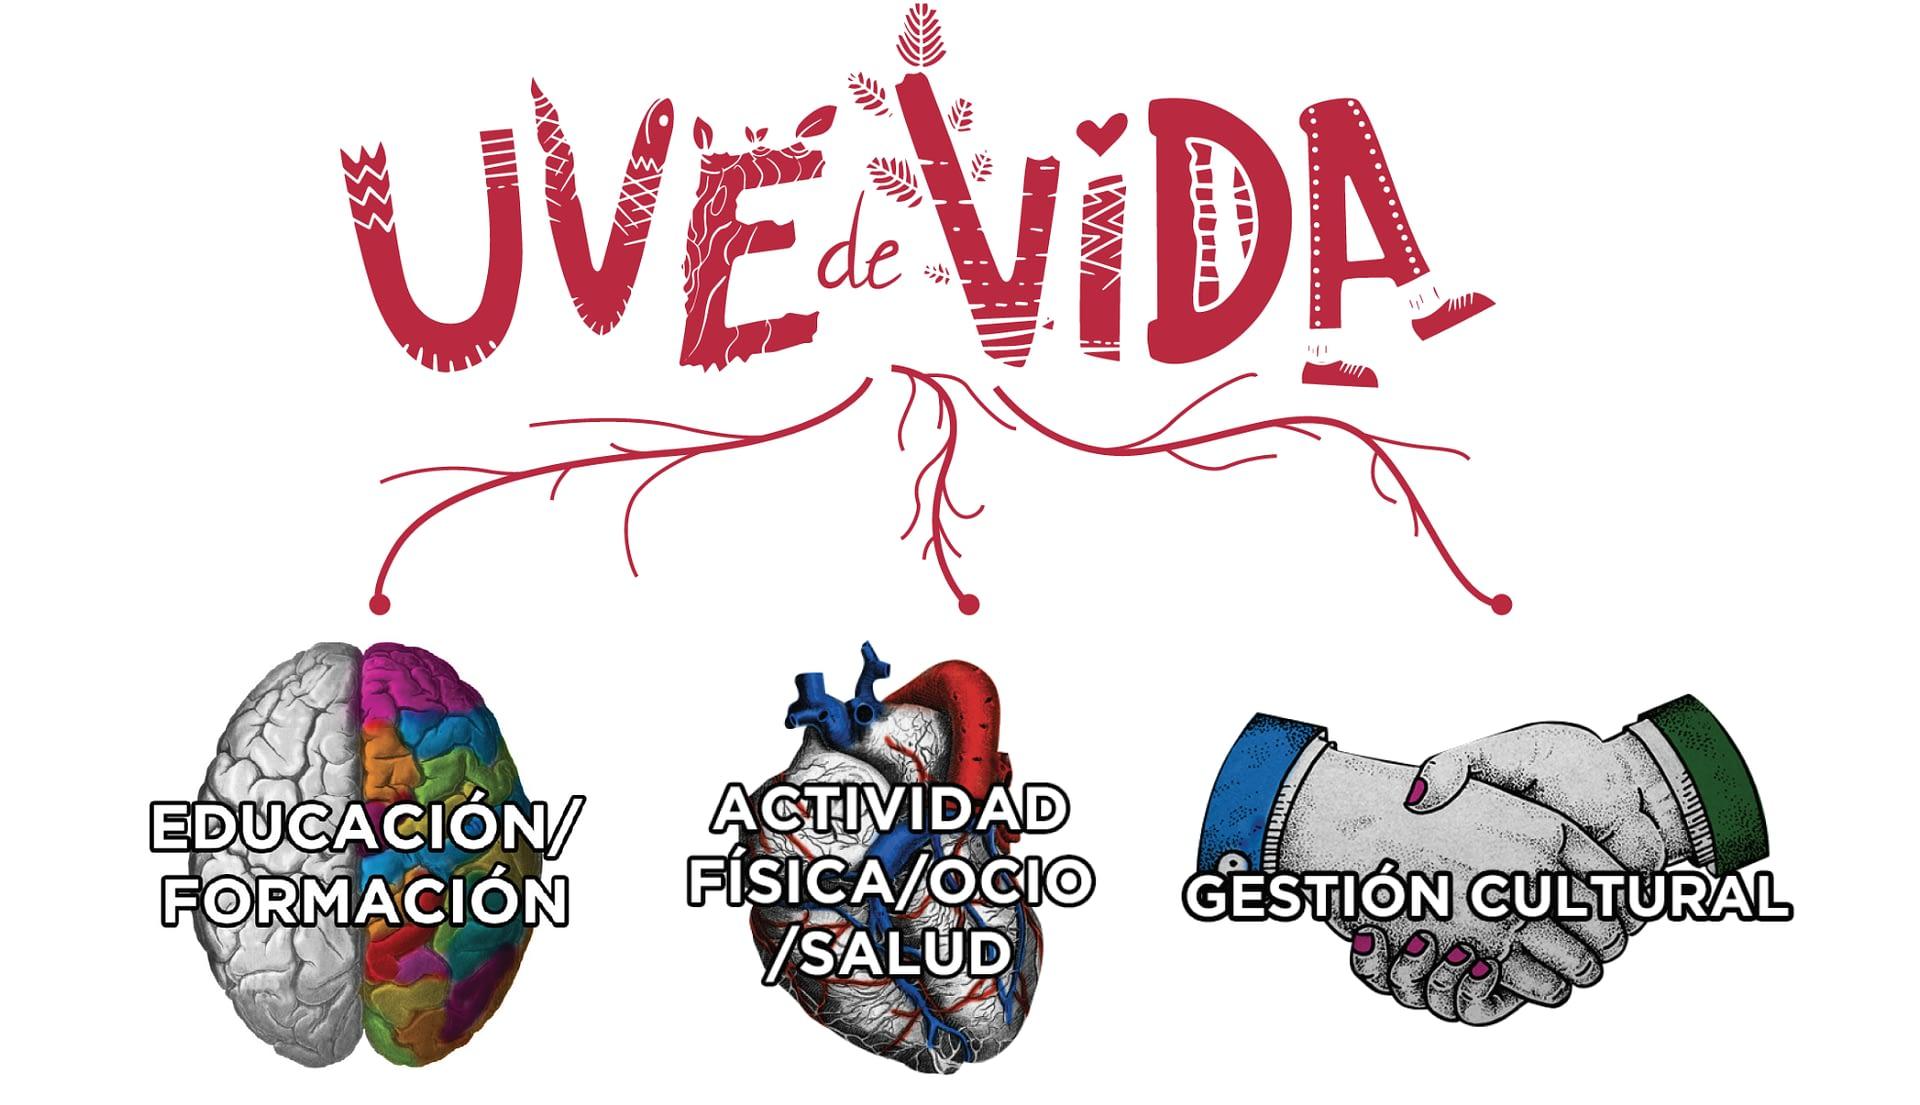 LEMA UVEDEVIDA